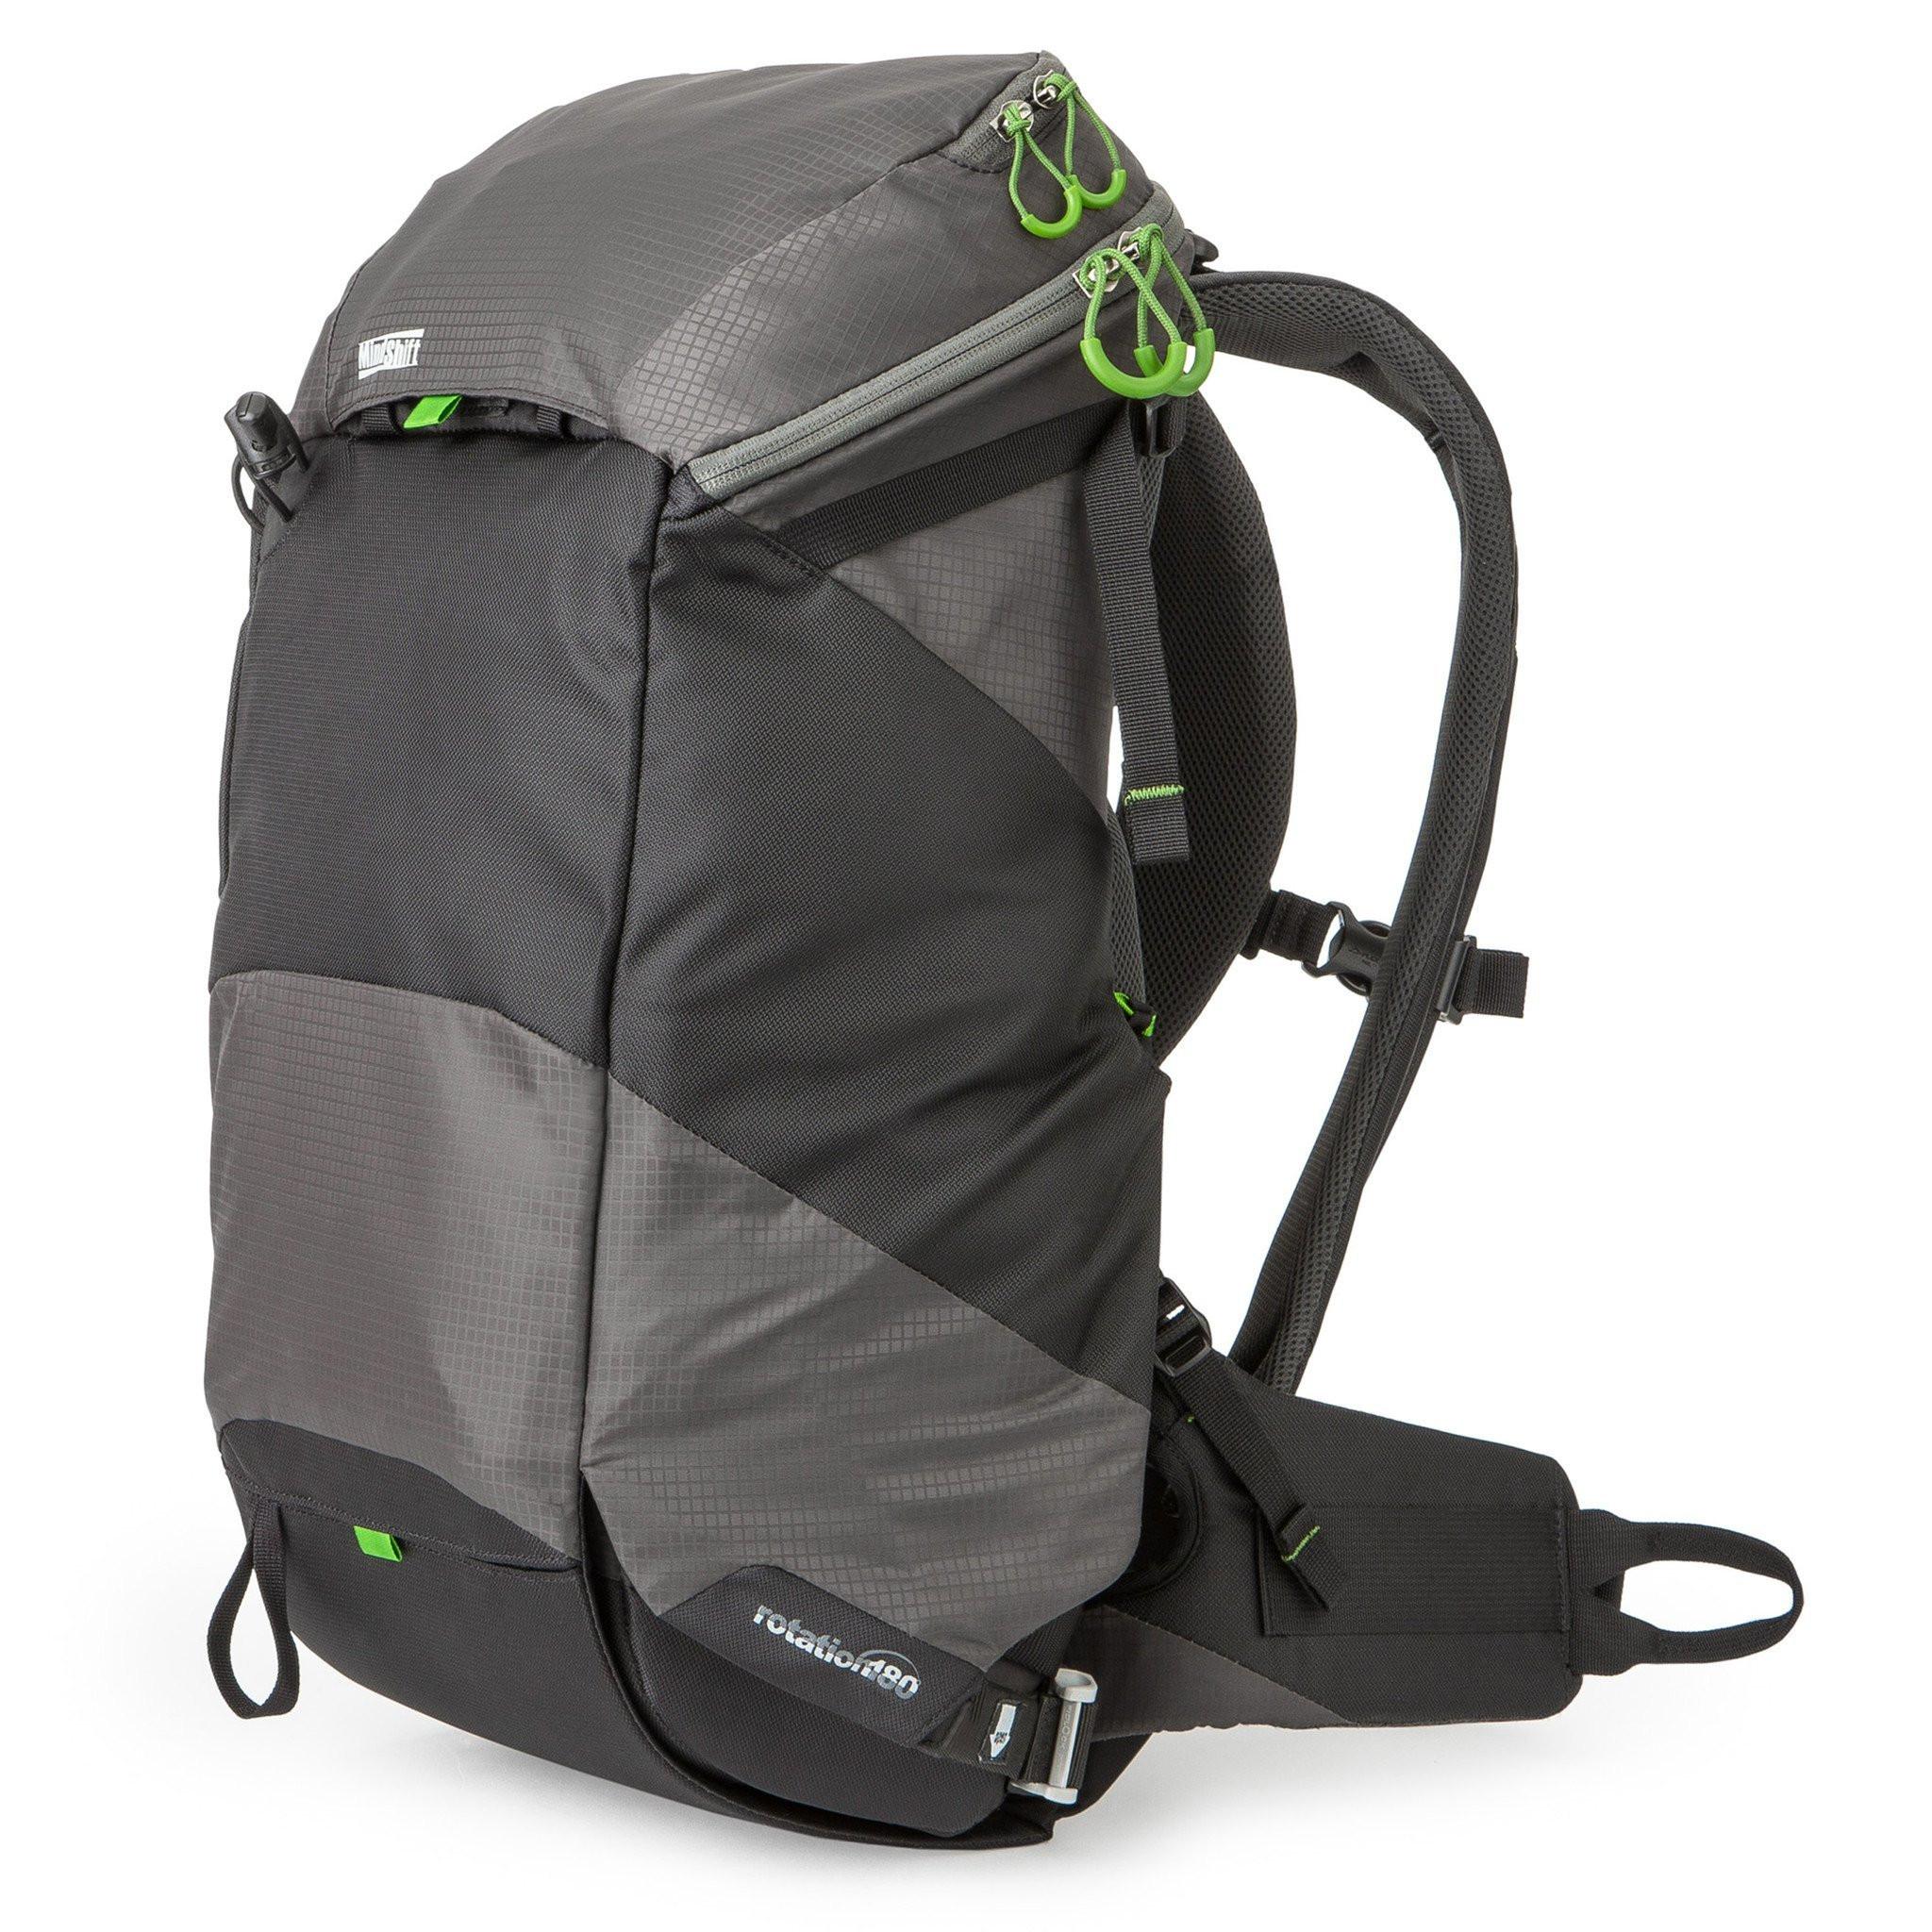 Рюкзак для фотоаппарата MindShift Gear rotation180° Panorama 22L Charcoal